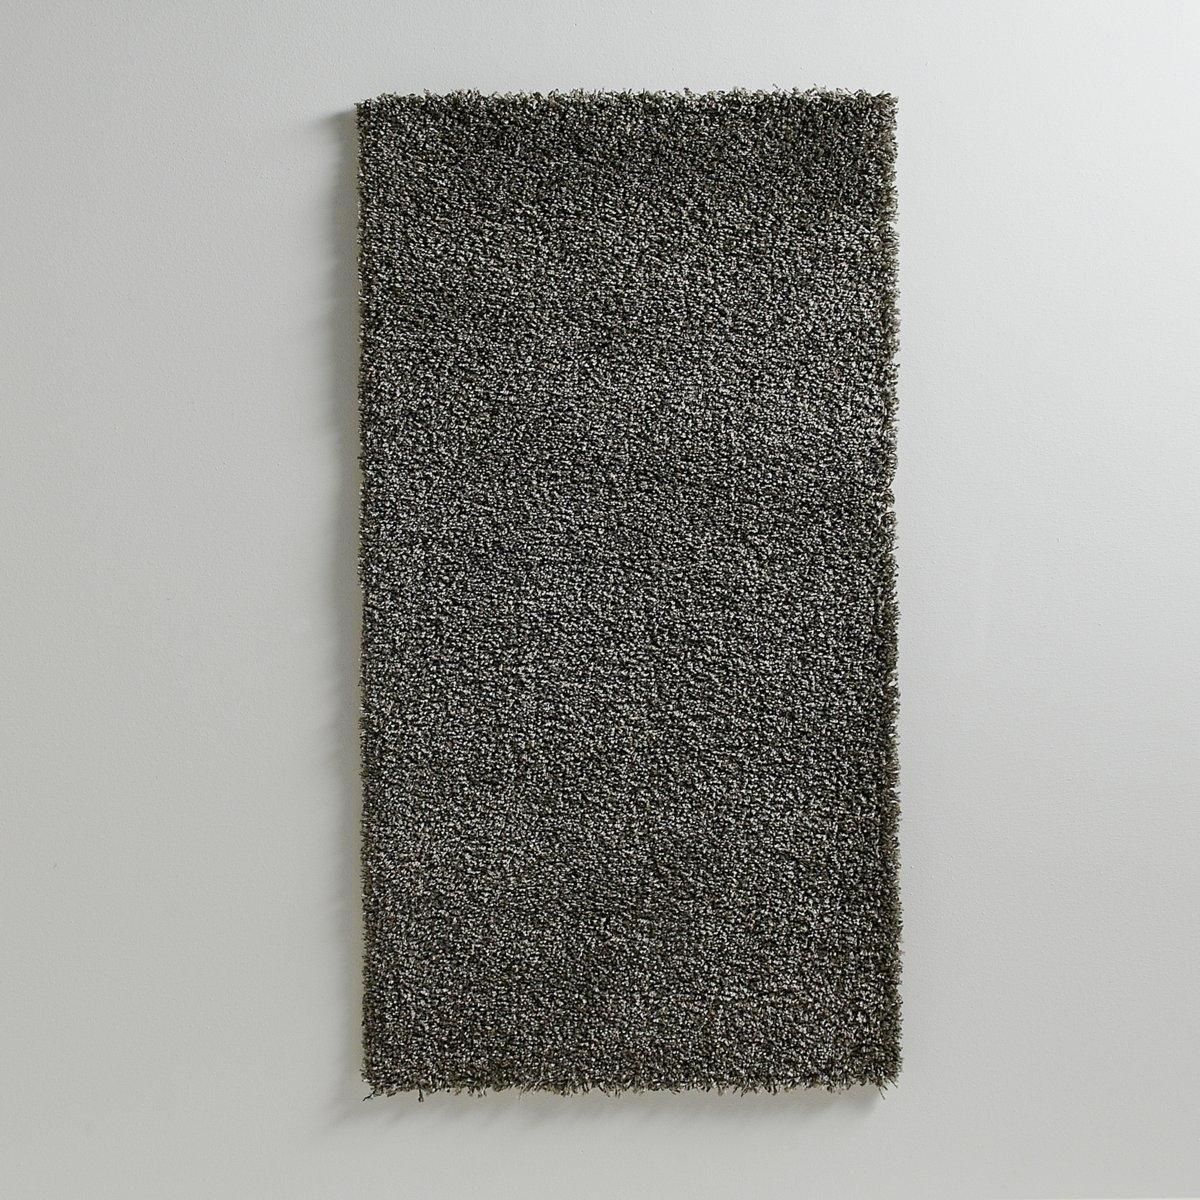 Прикроватный коврик, Efact дал прик тест смесь клещей против аллергии где в аптеке